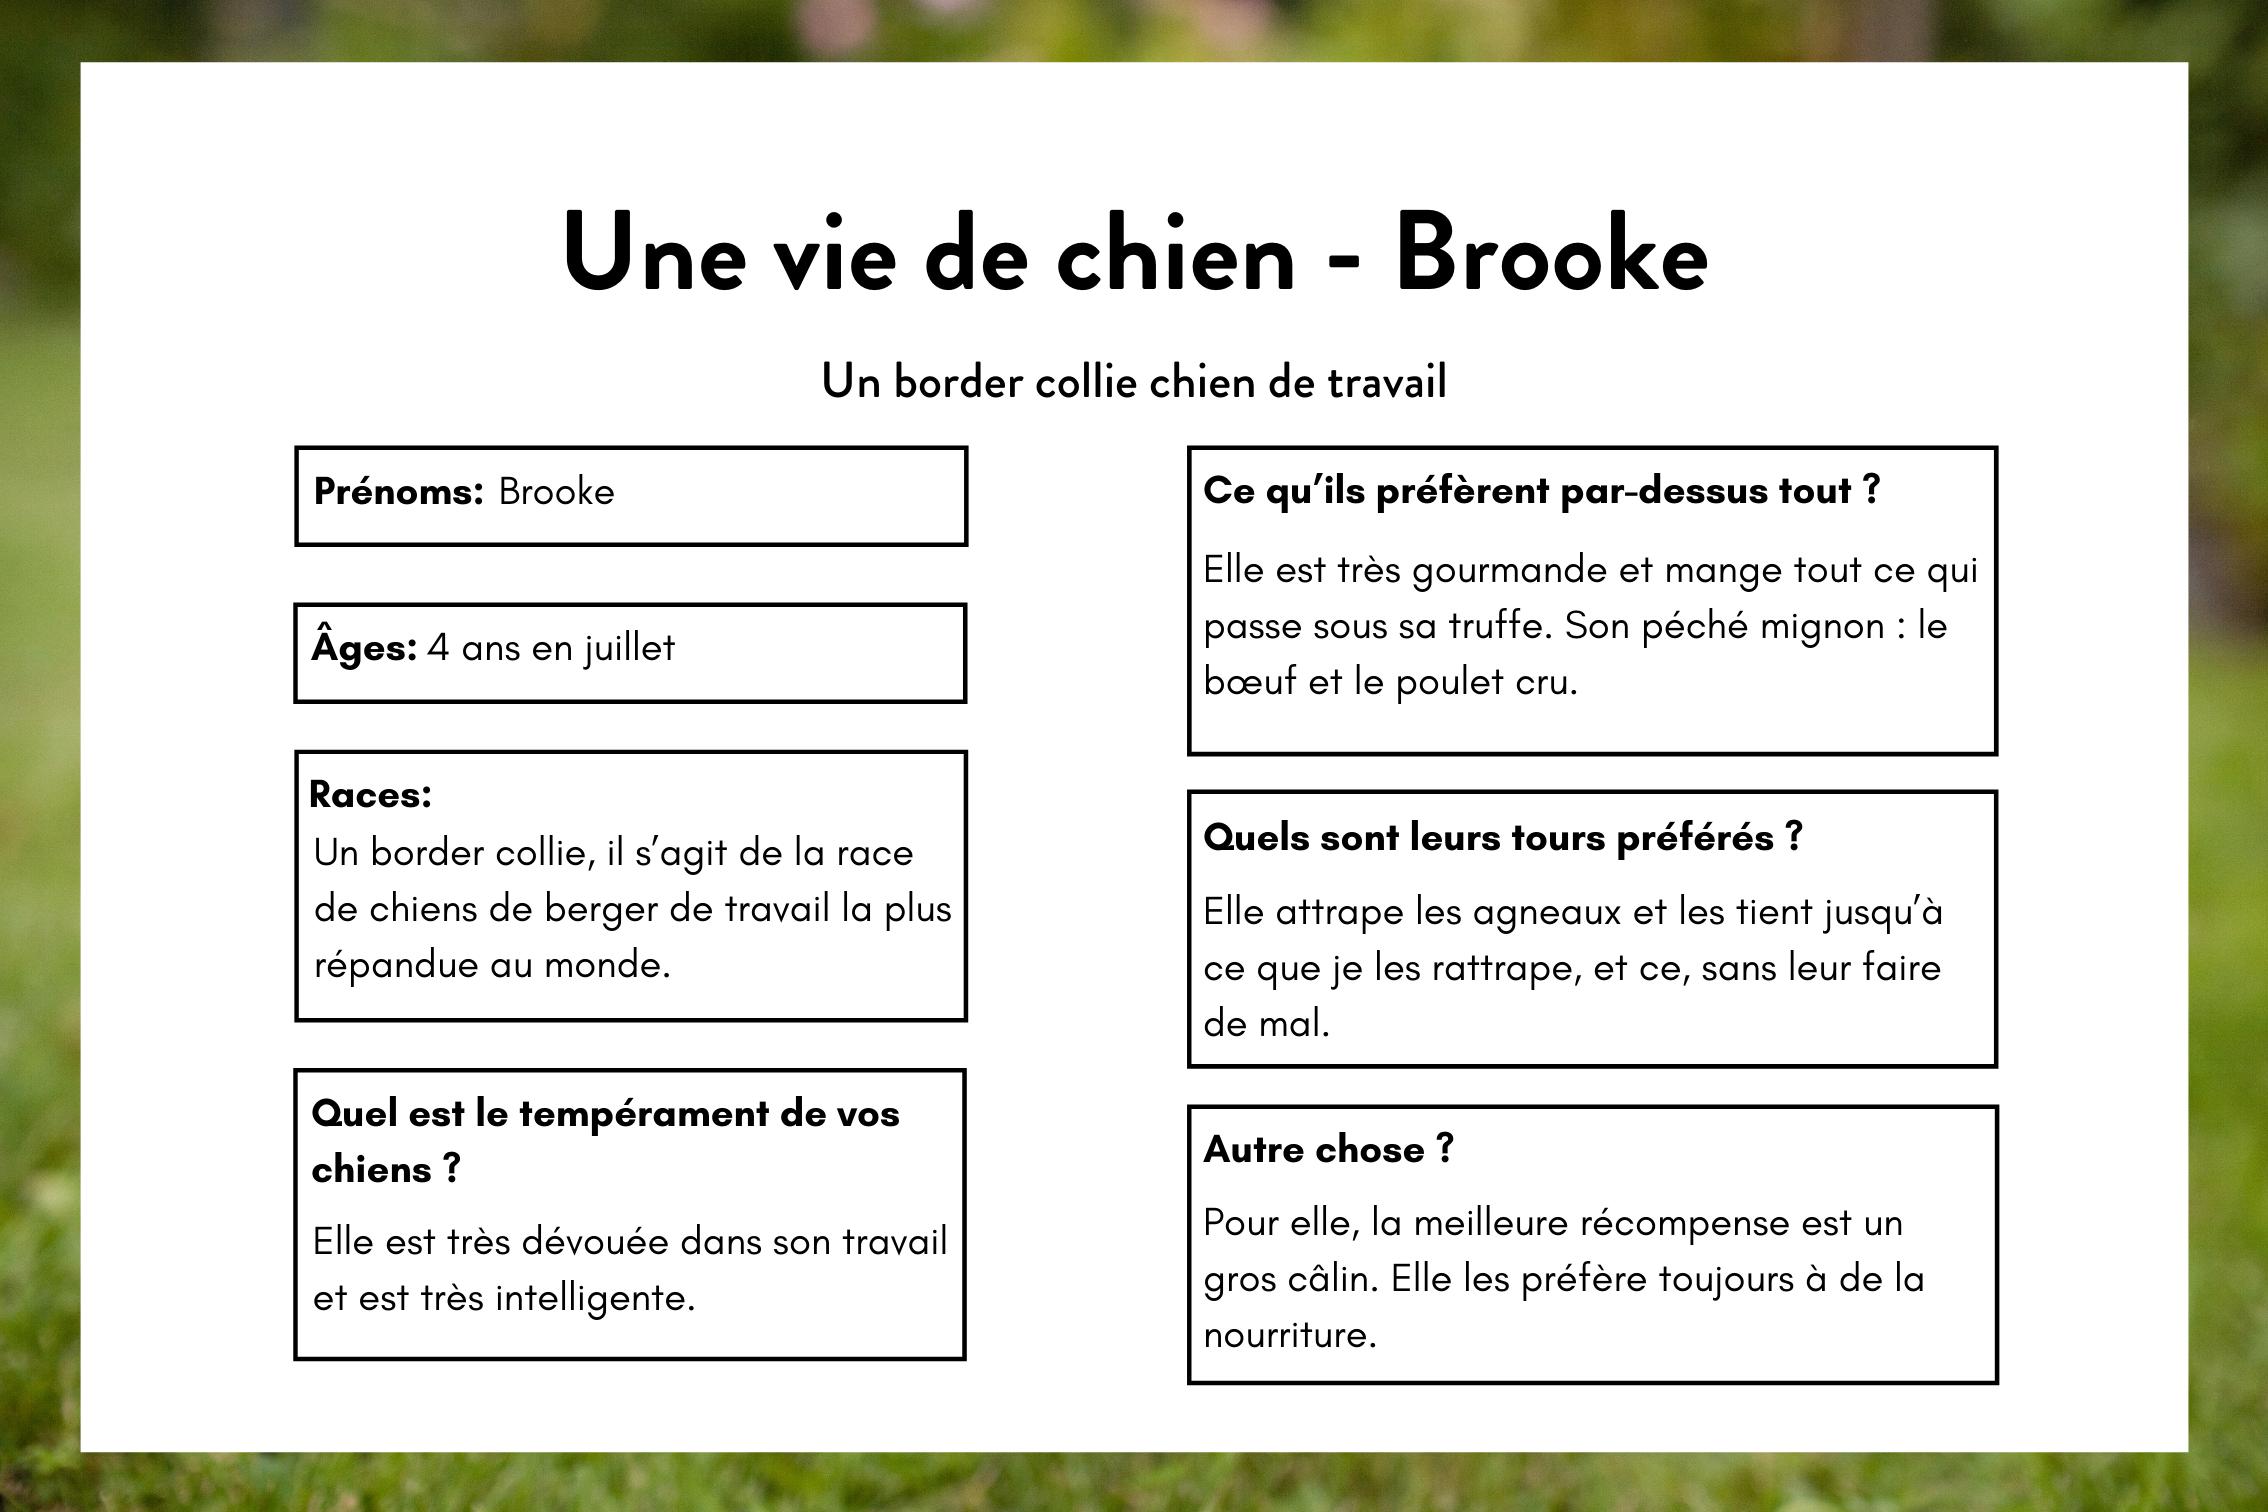 Une vie de chien - Brooke